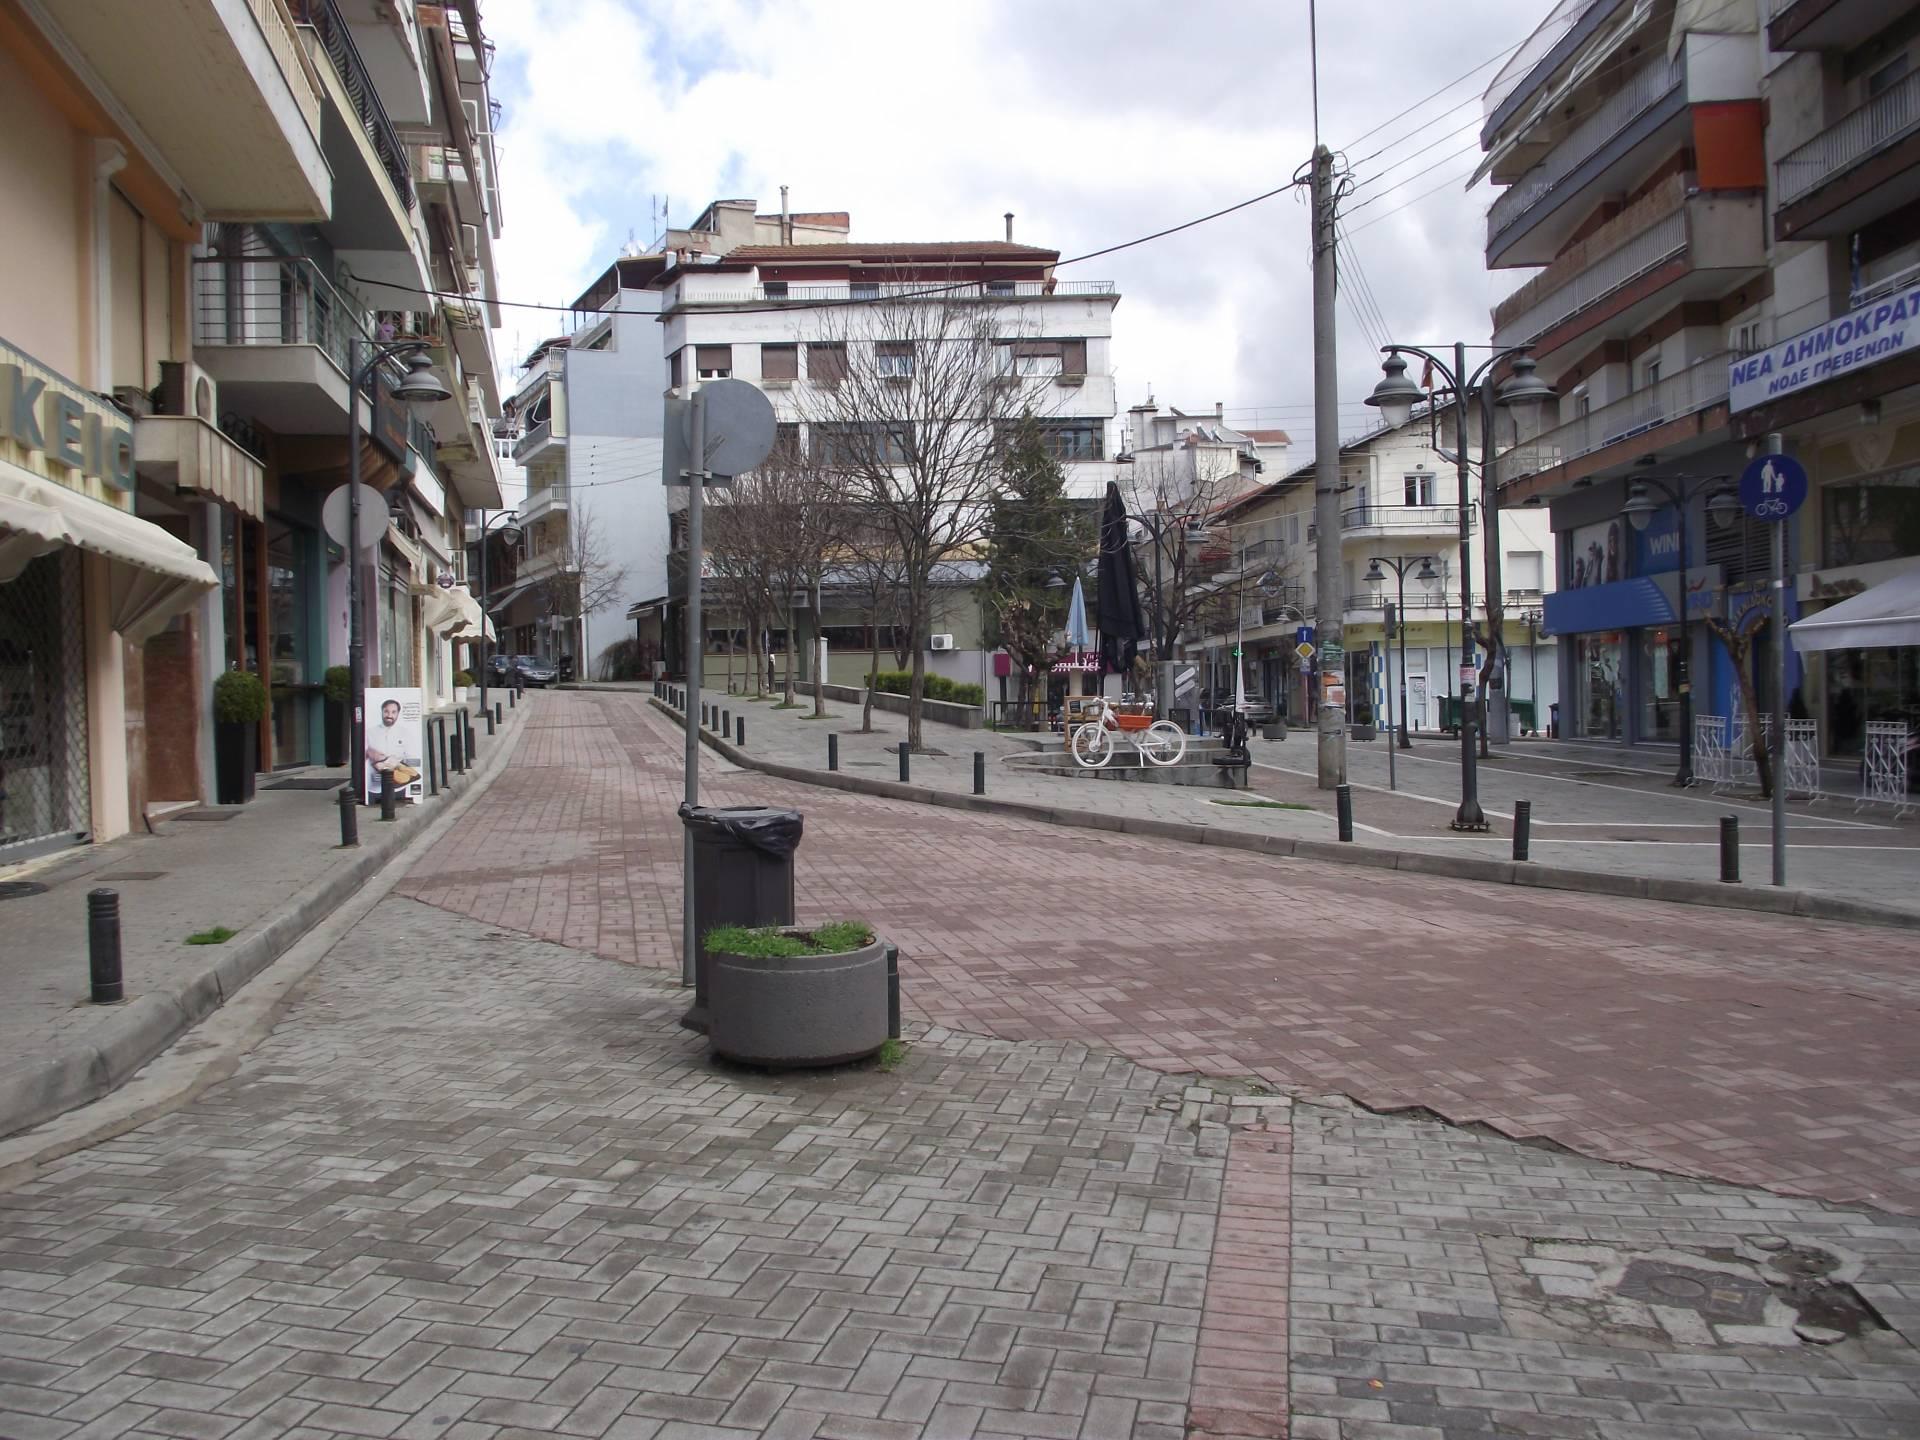 Γρεβενά: Έρημη πόλη λόγω κοροναϊού (φωτογραφίες)